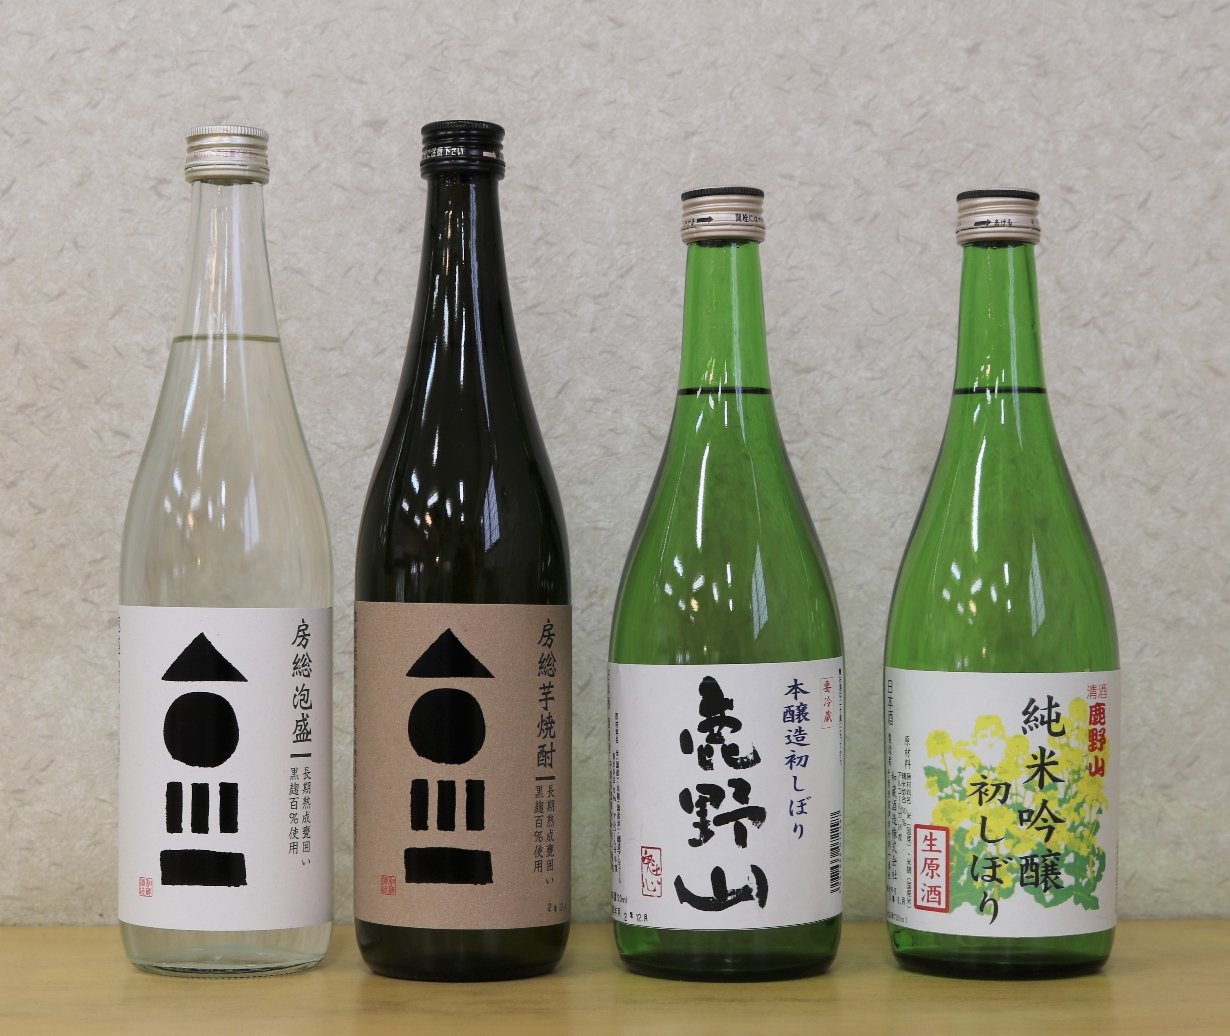 「和蔵酒造」限定品飲み比べセット